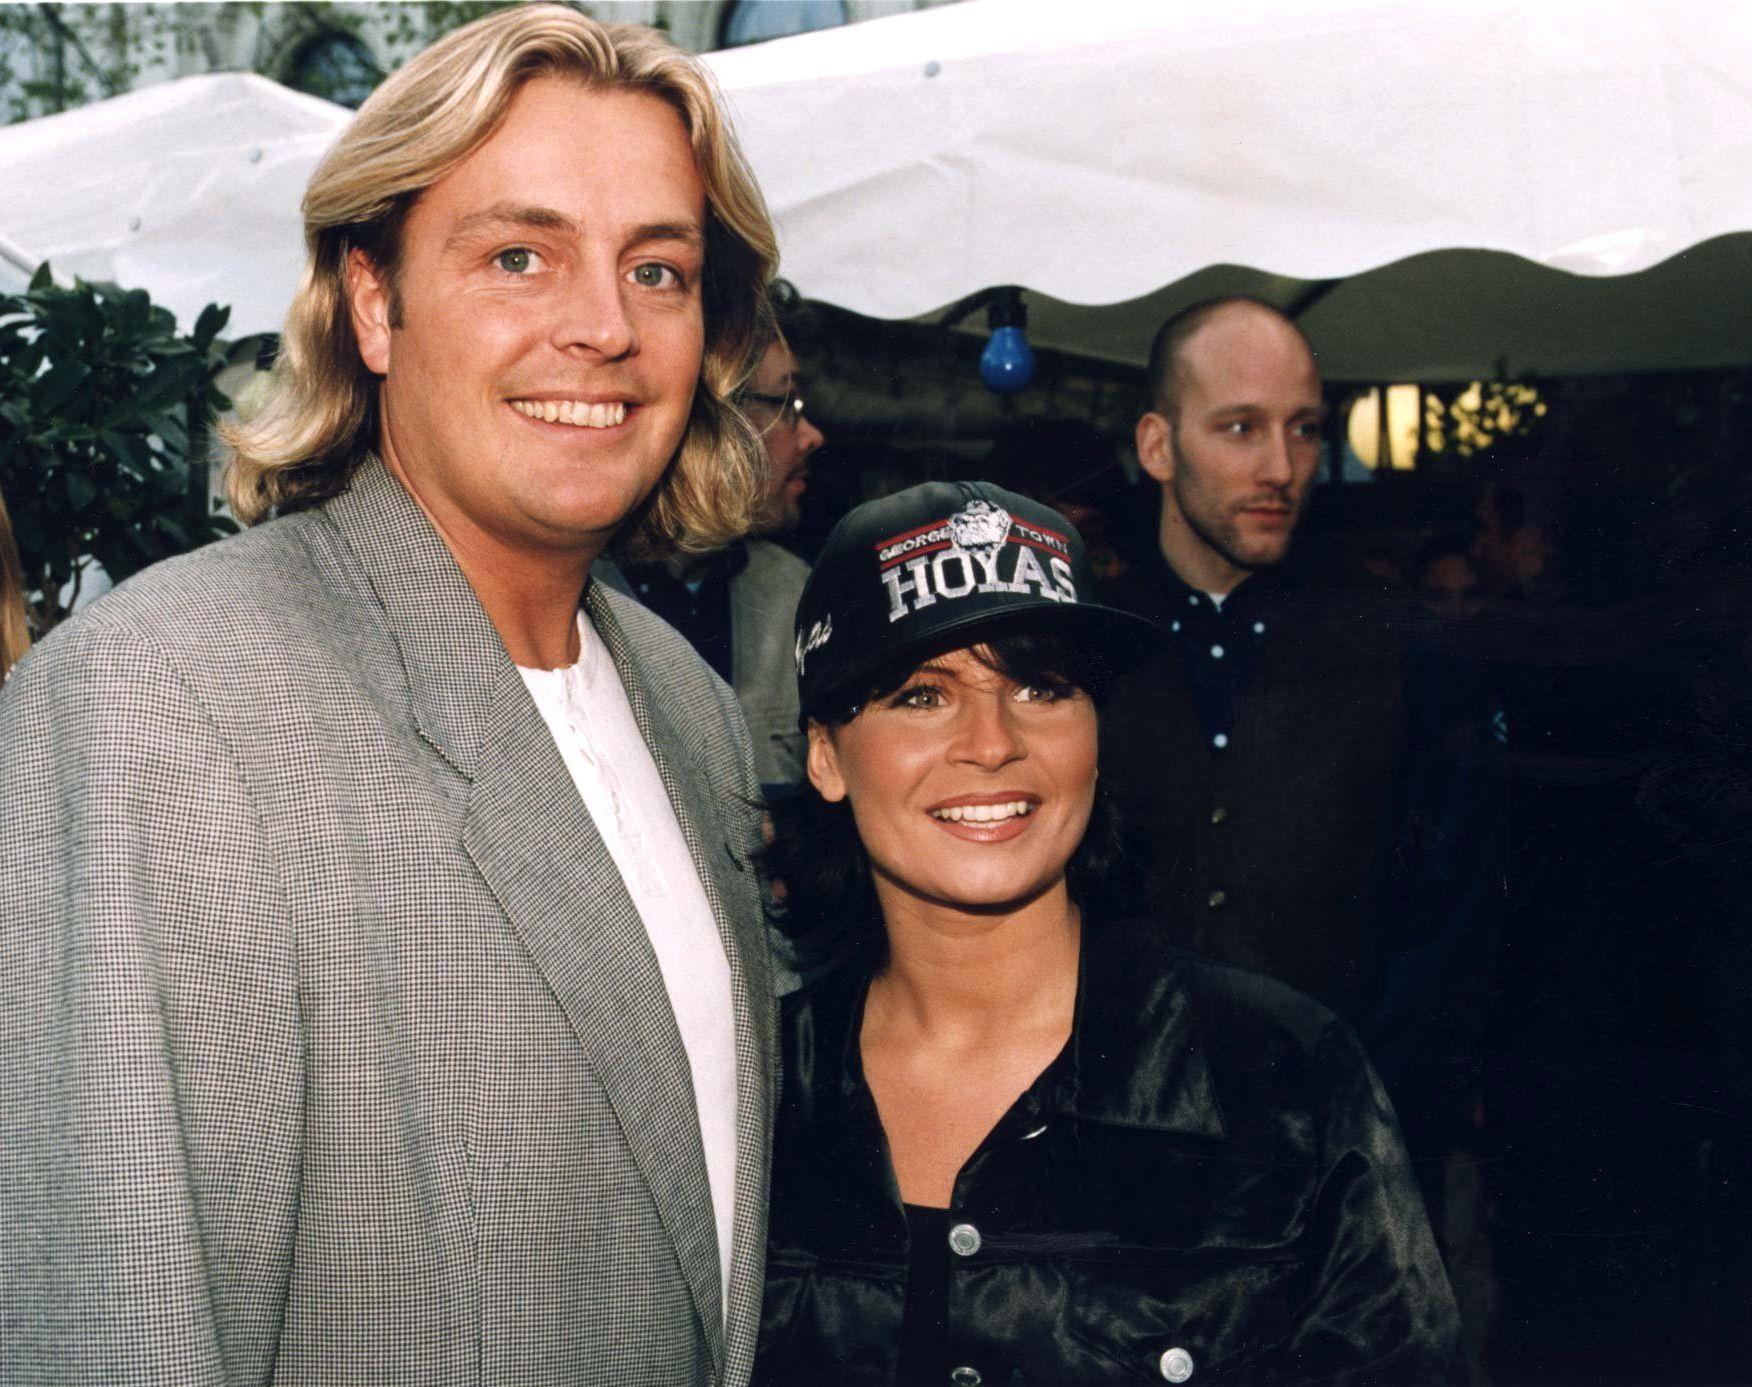 KJENDISPAR: Runar Søgaard var gift med den svenske popstjernen Carola Häggkvist fra 1990 til 2000. Her i 1997.